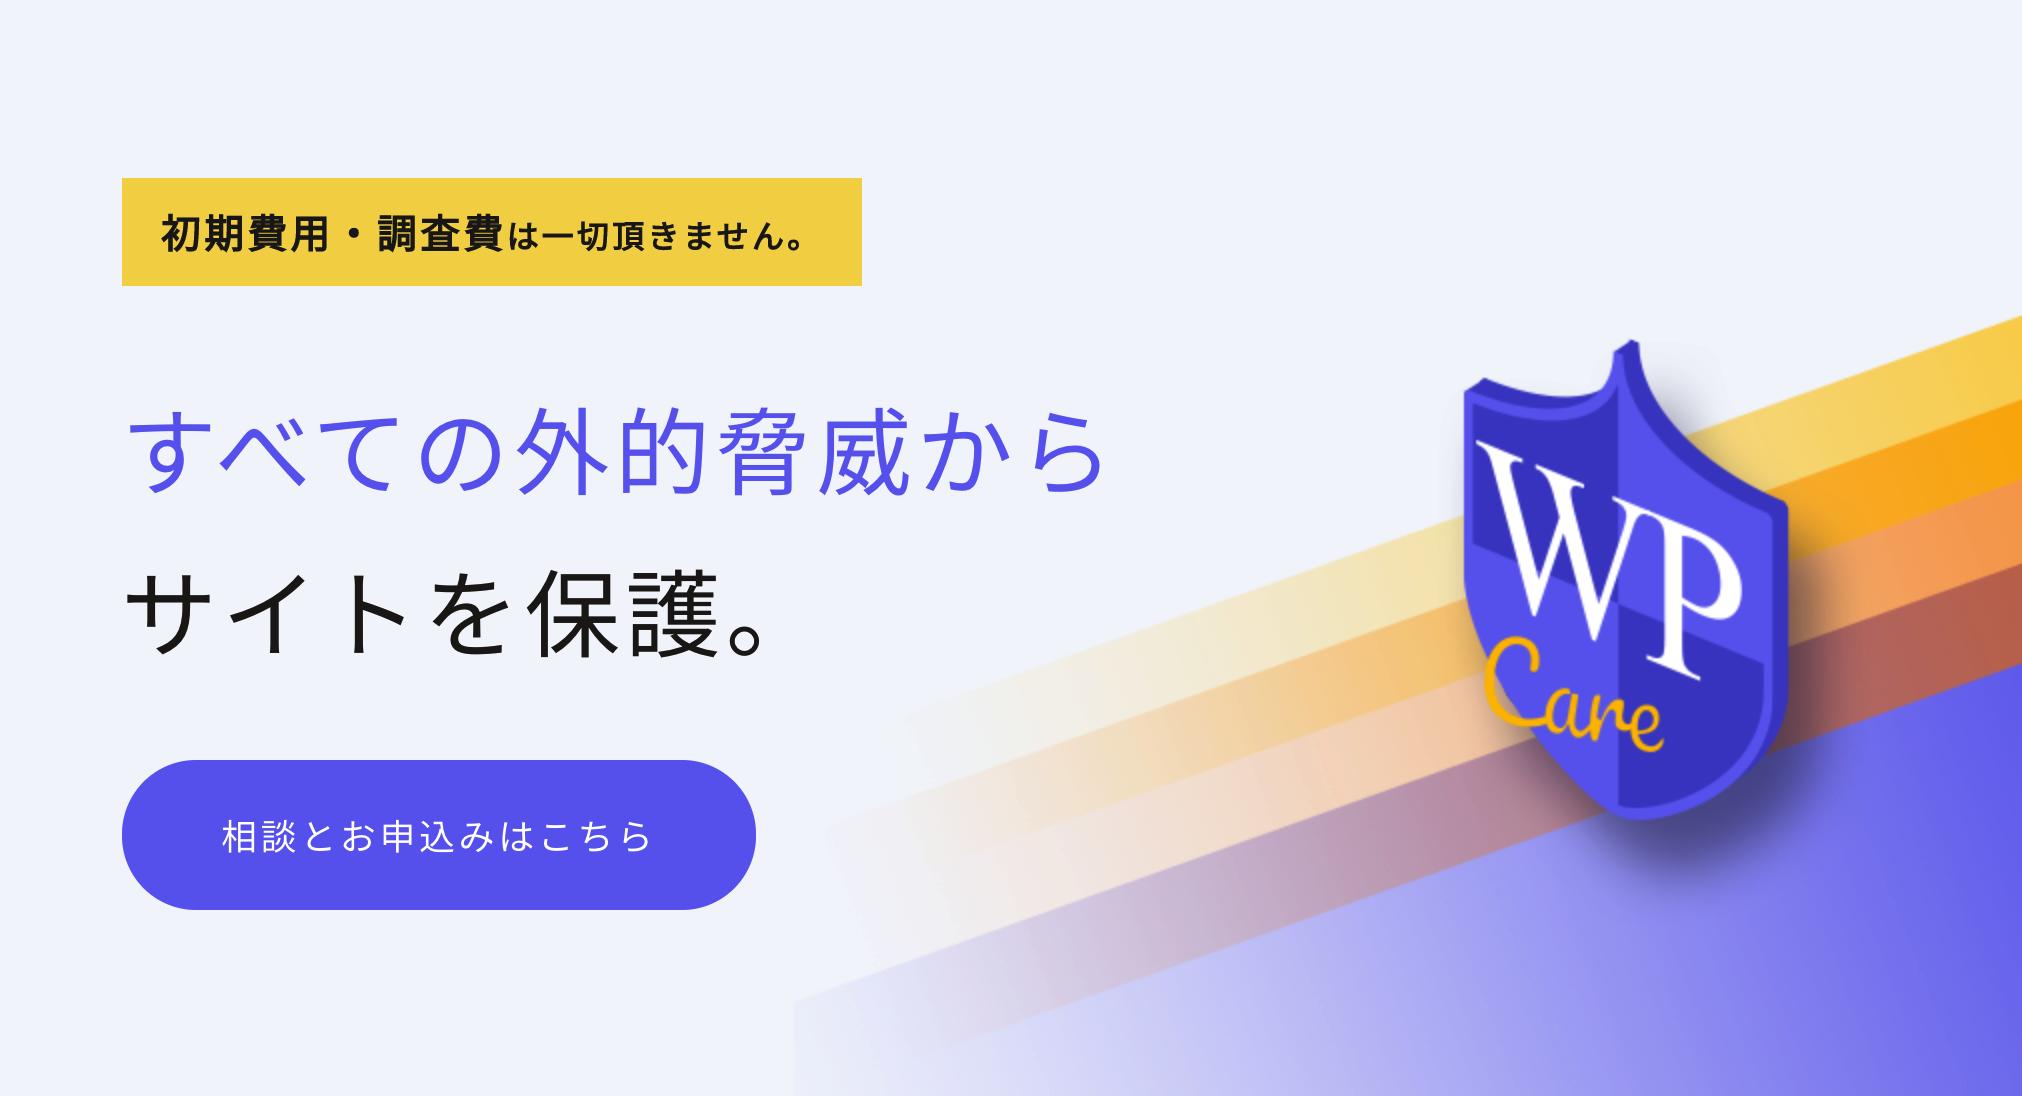 WordPressに特化した保守・セキュリティ管|株式会社フォチューナ